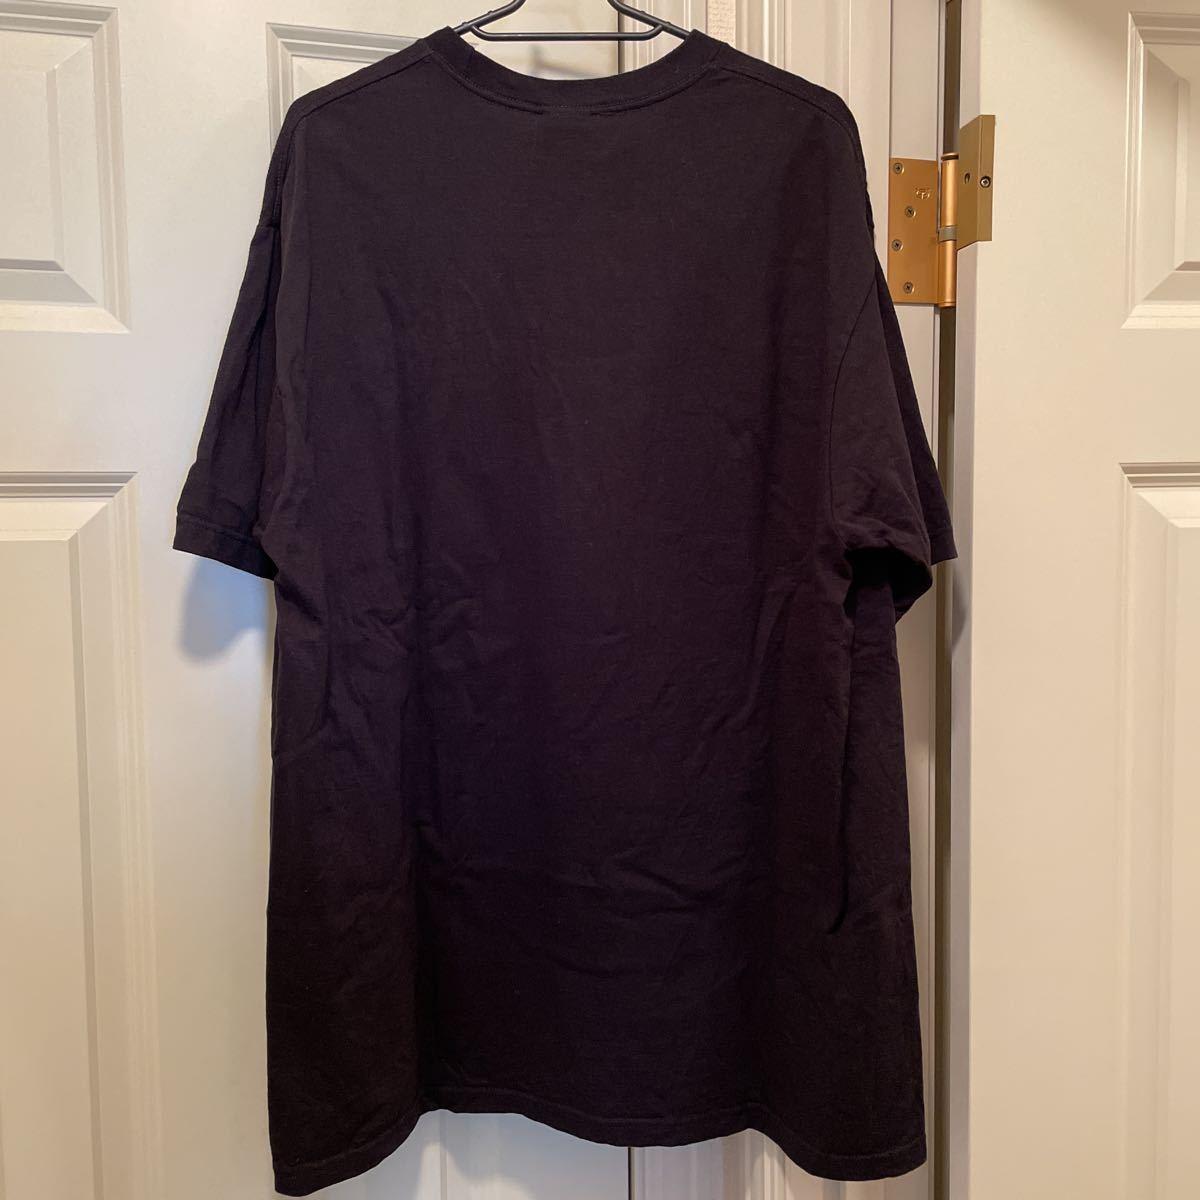 L Supreme Madonna Tee 18FW Large Black シュプリーム マドンナ Tシャツ 半袖 ブラック 黒 18AW_画像4